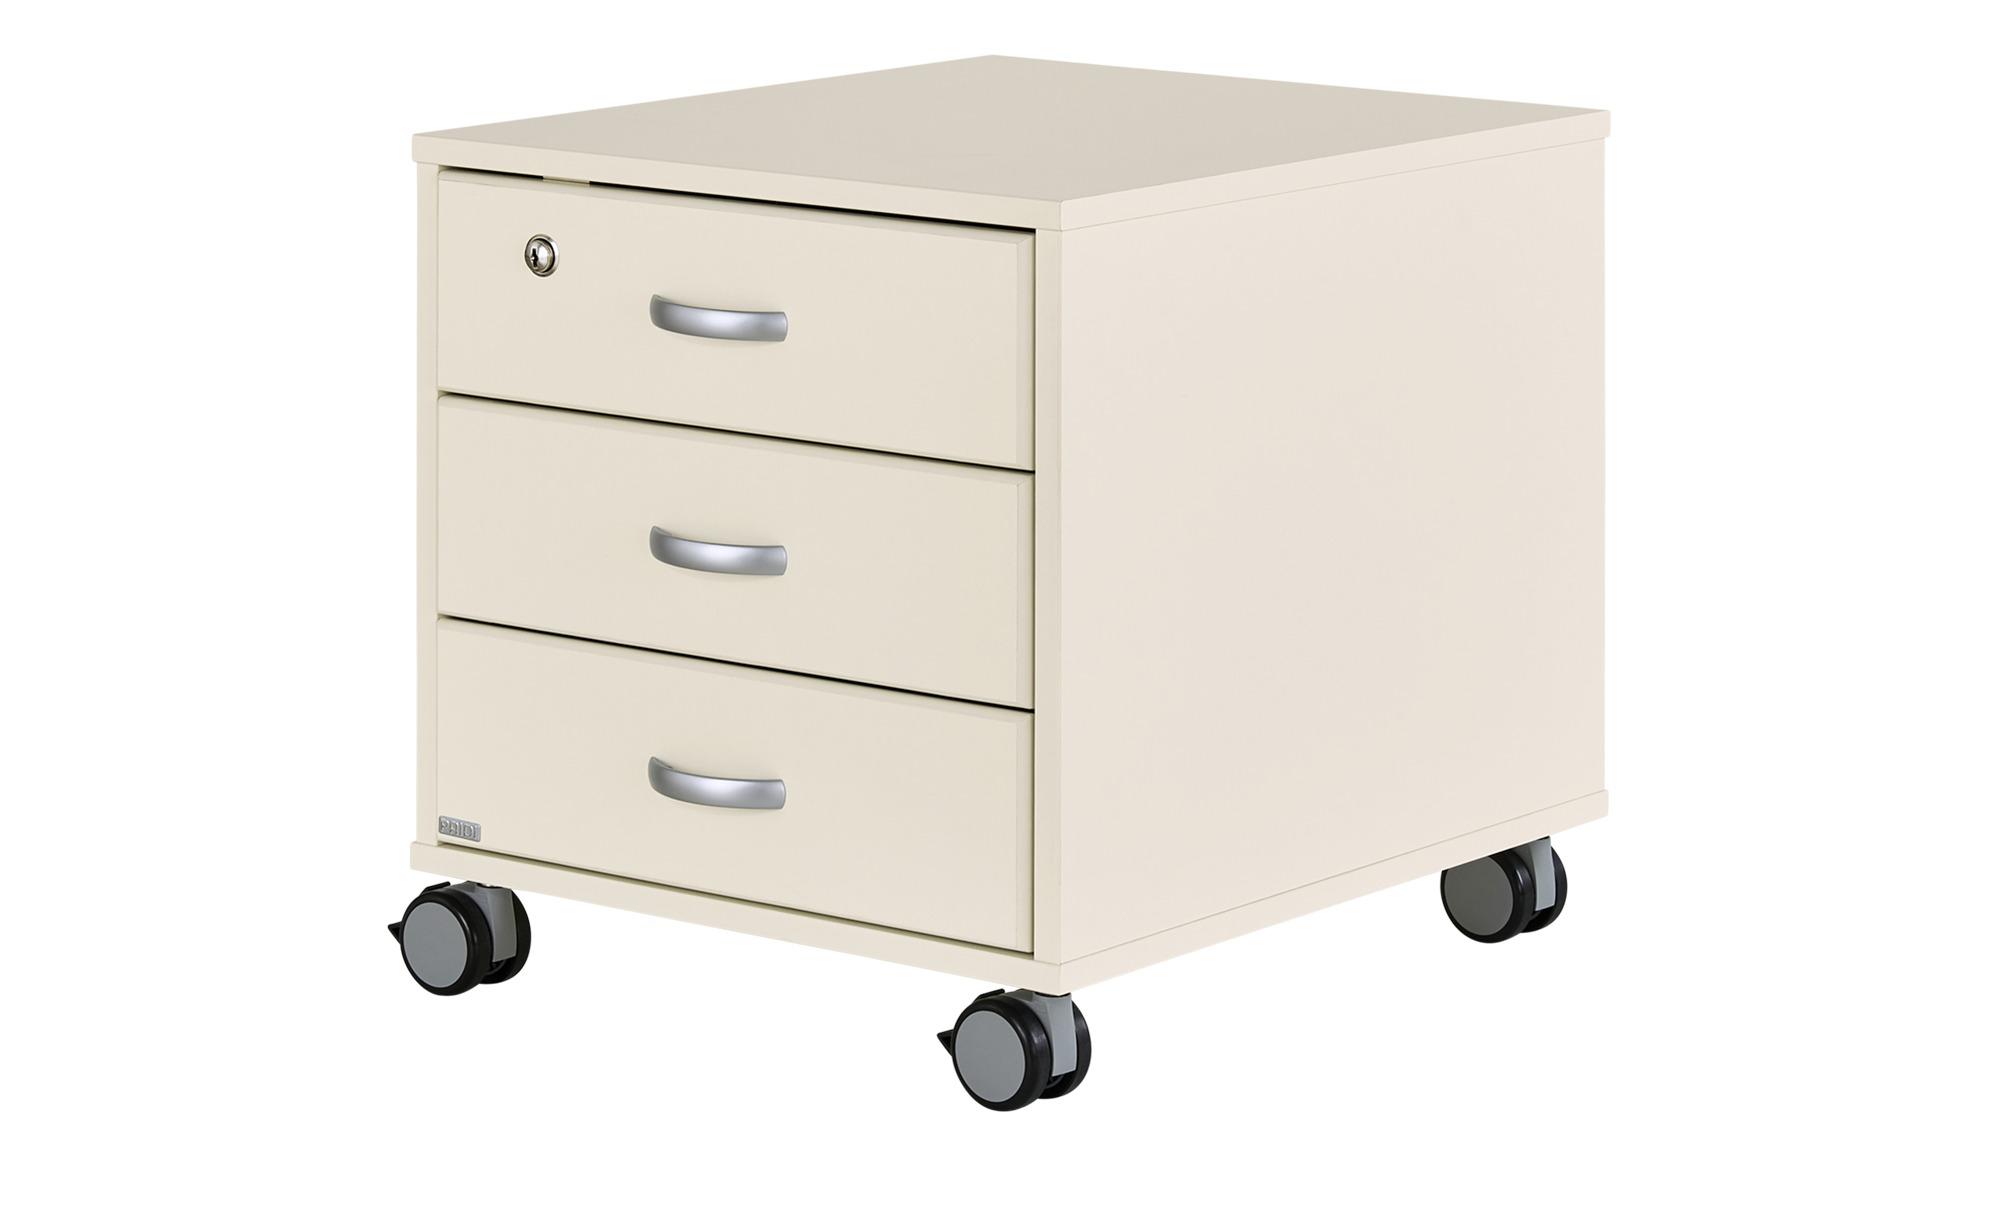 PAIDI Rollcontainer   Marco 2 ¦ weiß ¦ Maße (cm): B: 44,4 H: 51,2 T: 54,7 Schränke > Rollcontainer - Höffner